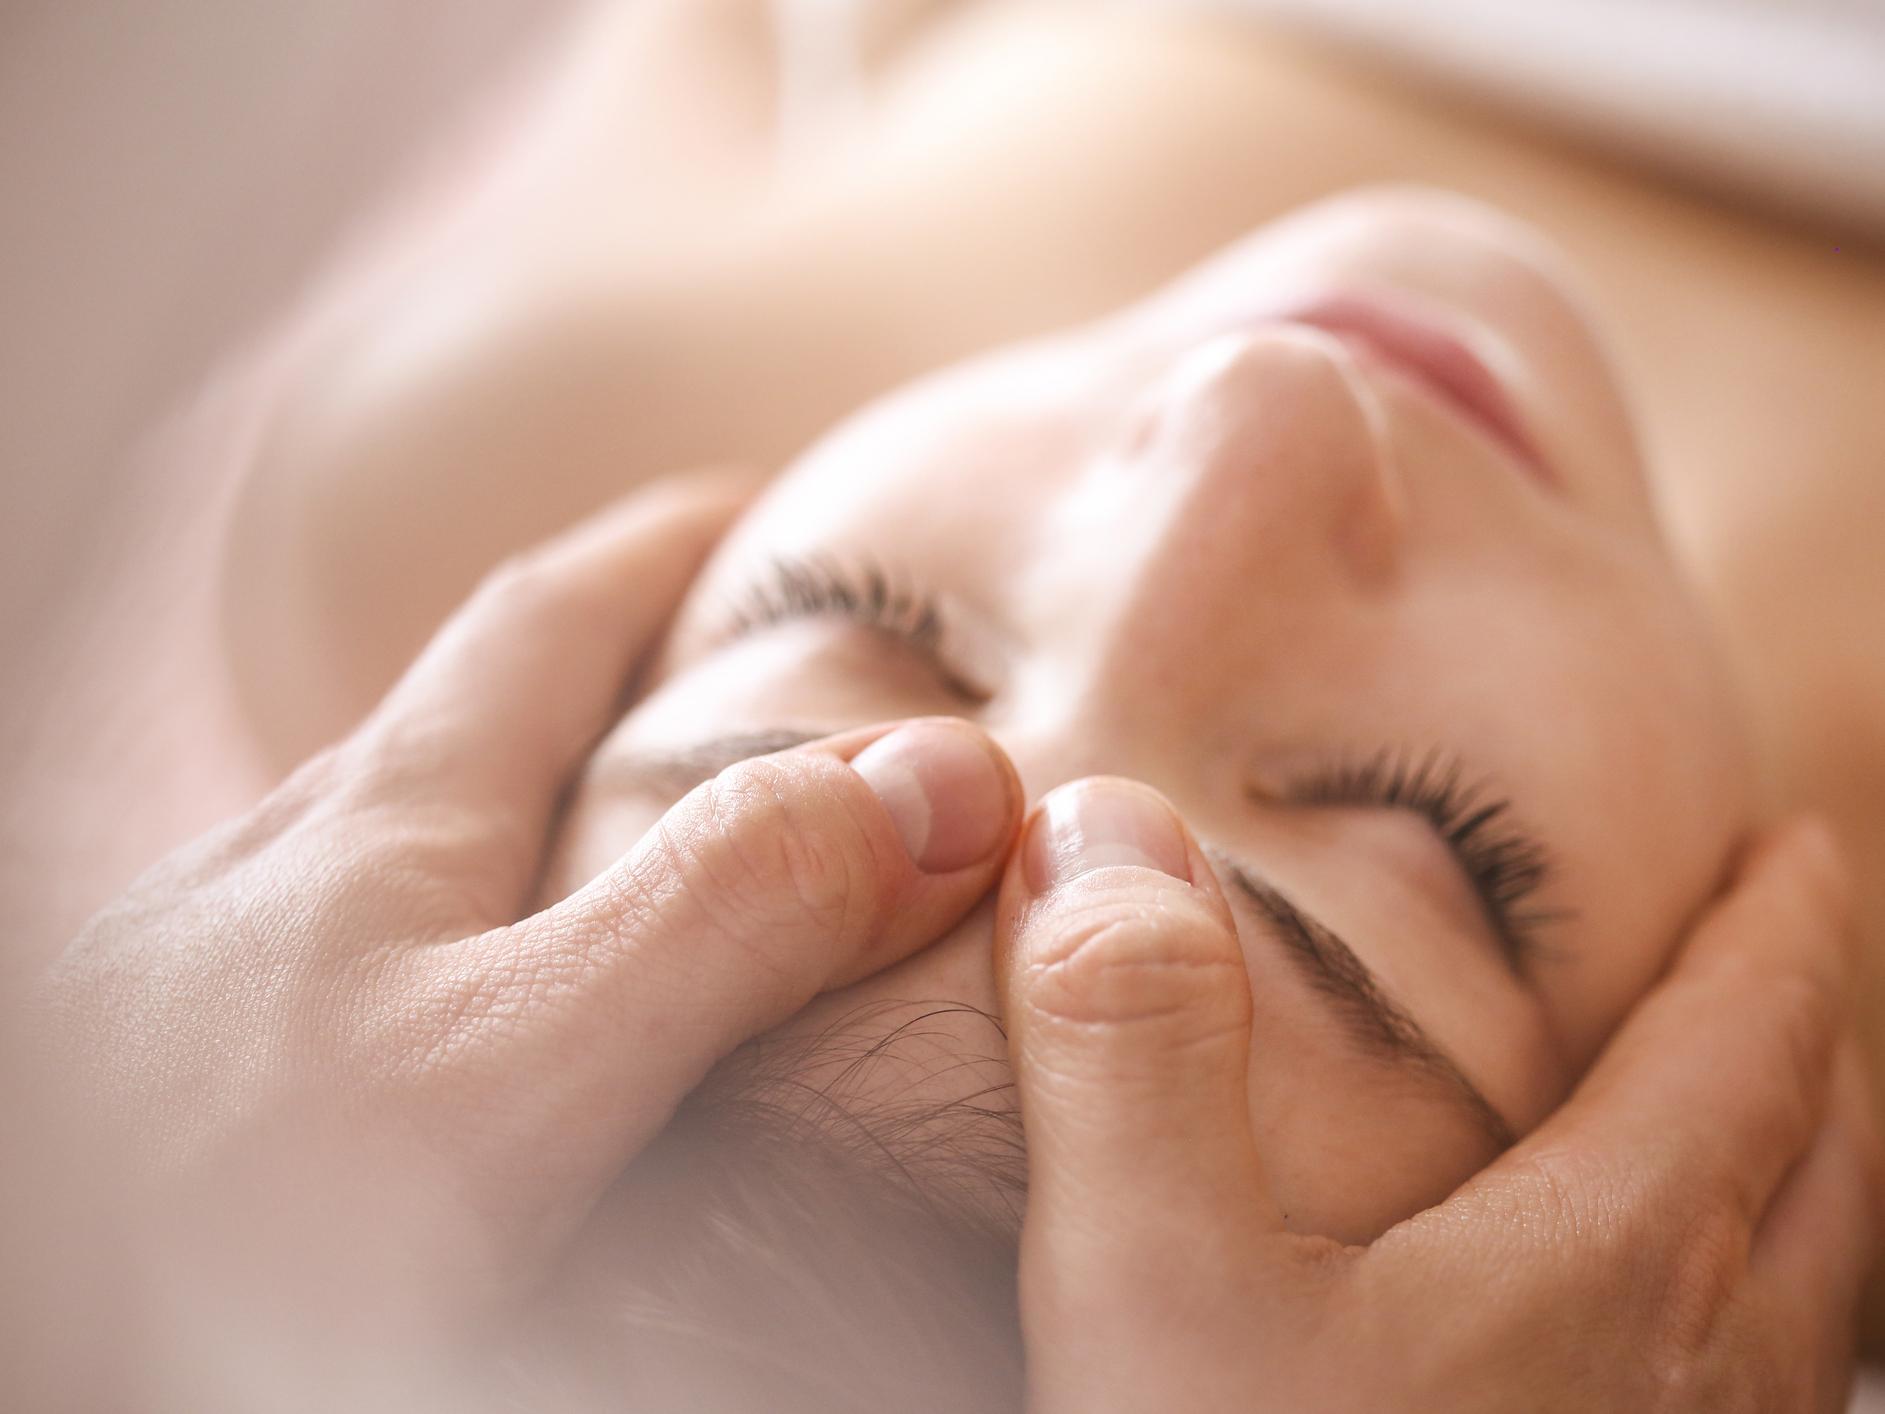 Hoofdpijn massage, migraine, chronische hoofdpijn, spannings hoofdpijn